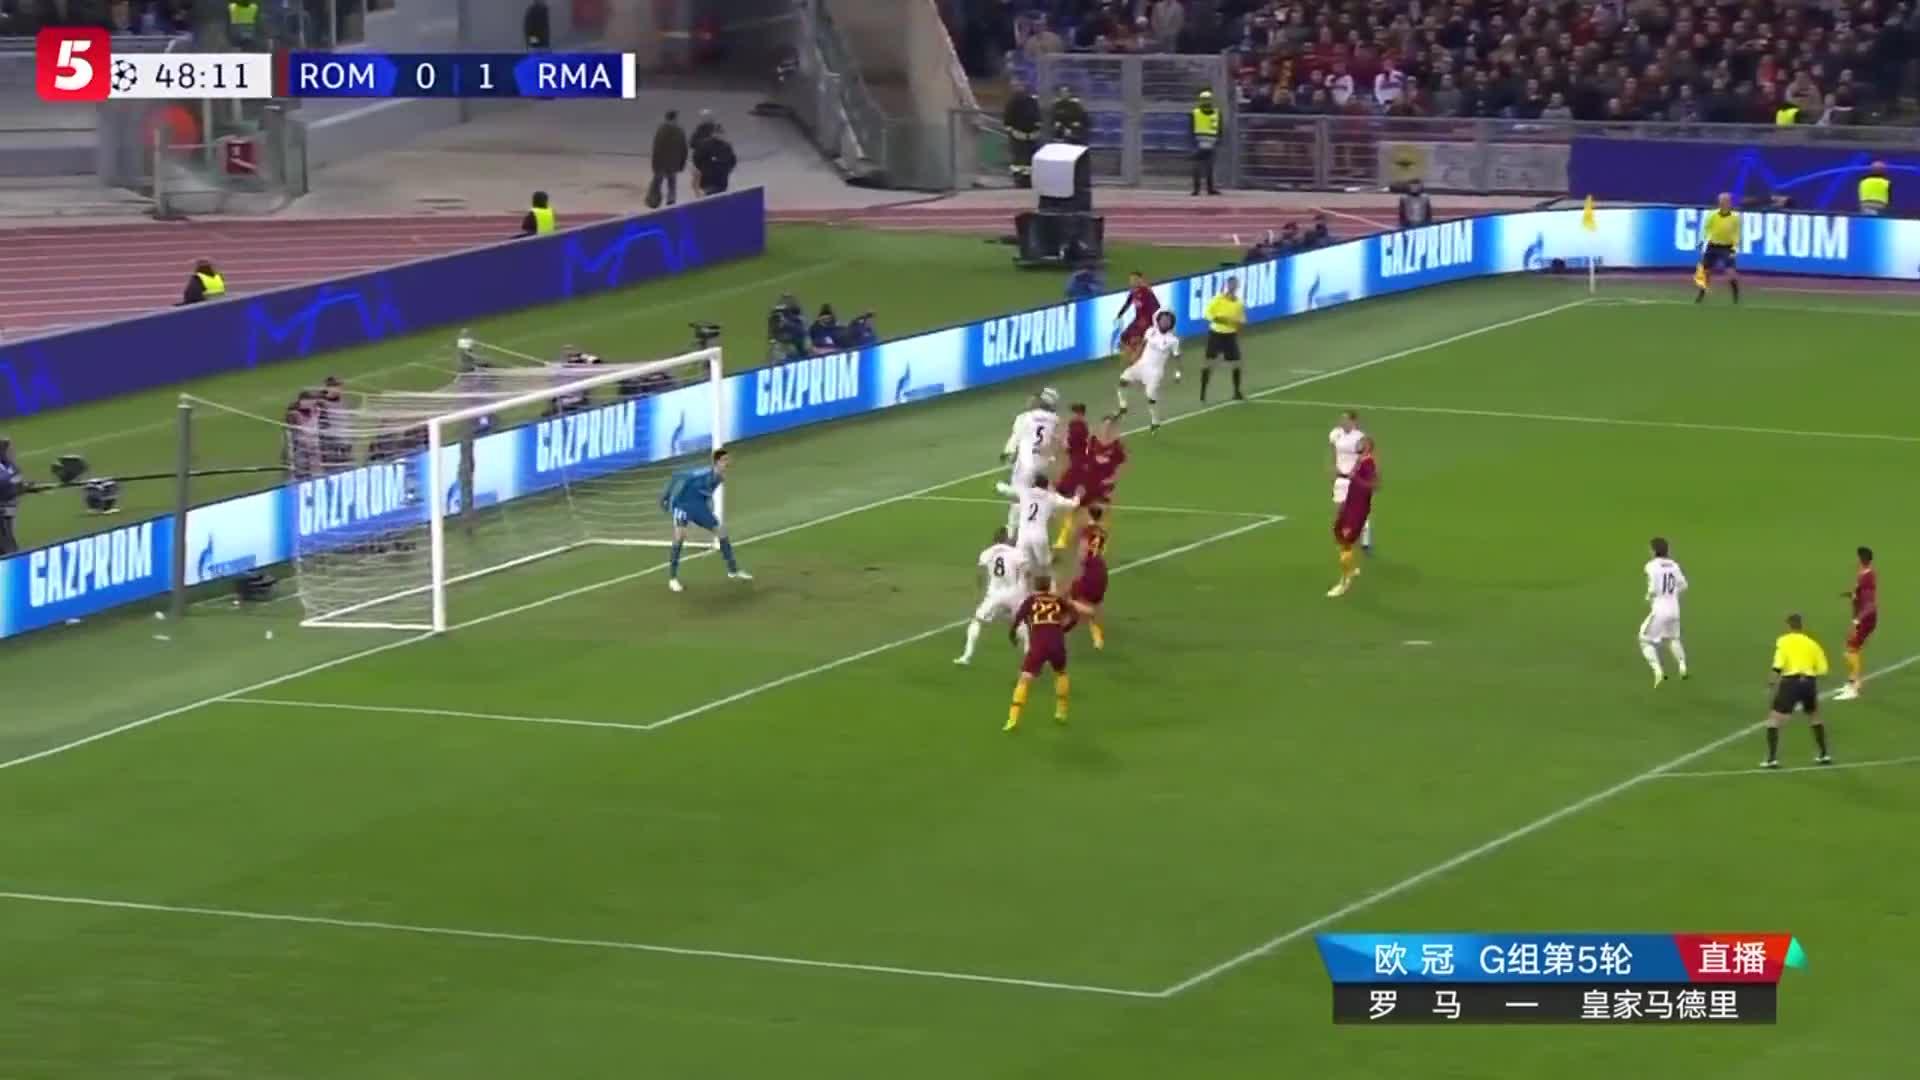 [视频]欧冠:皇马2-0双杀罗马出线 贝尔独造2球